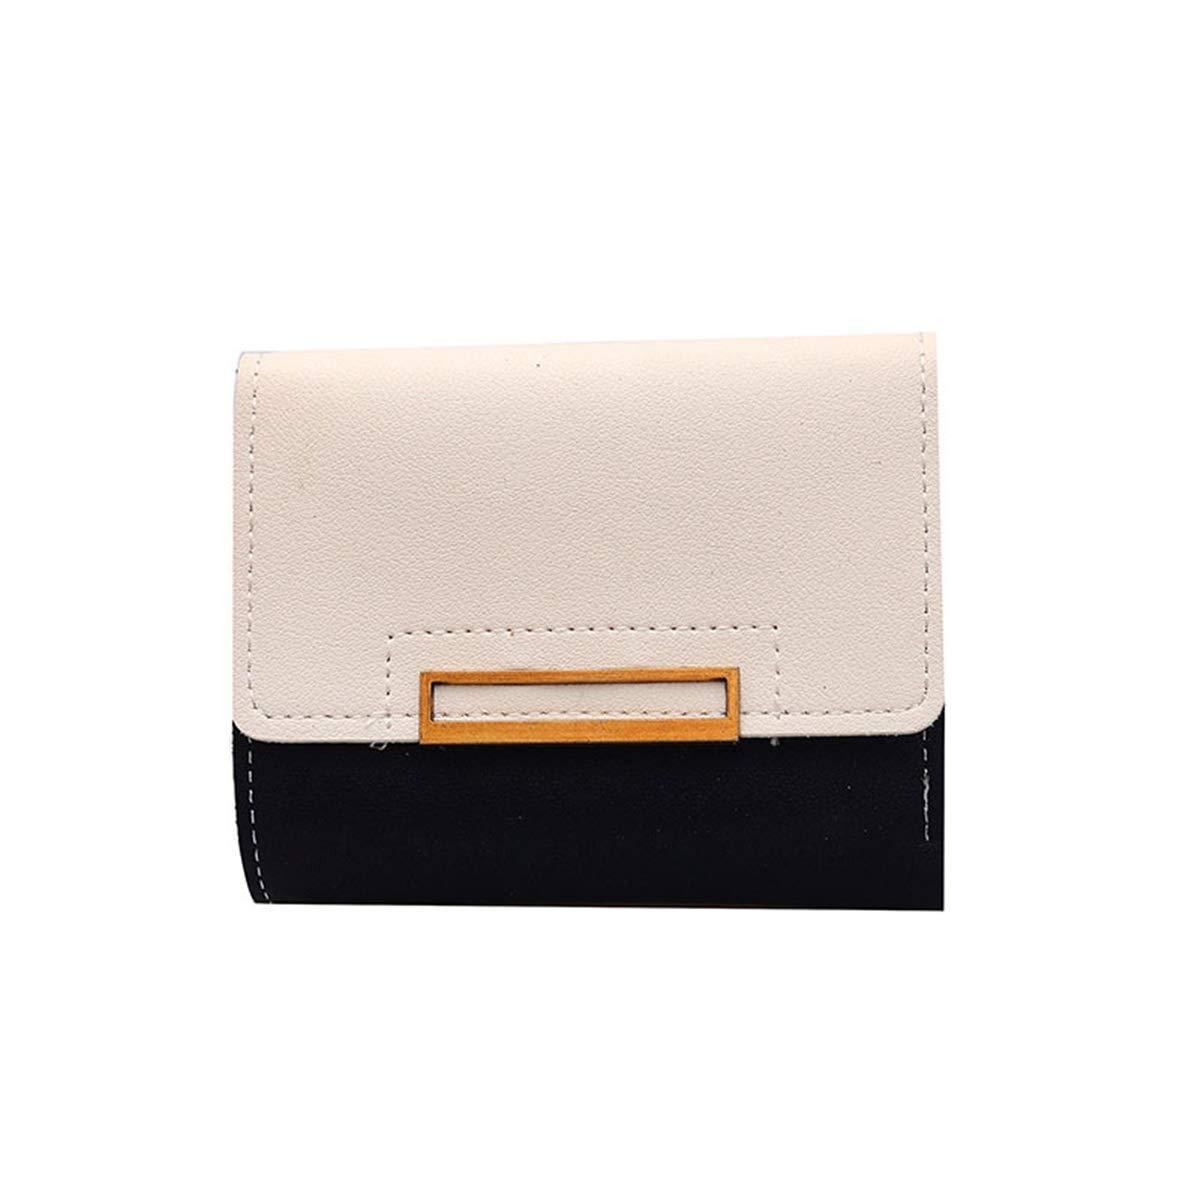 RFID Wallet Bifold Section - RFID Blocking Ladies Wallet